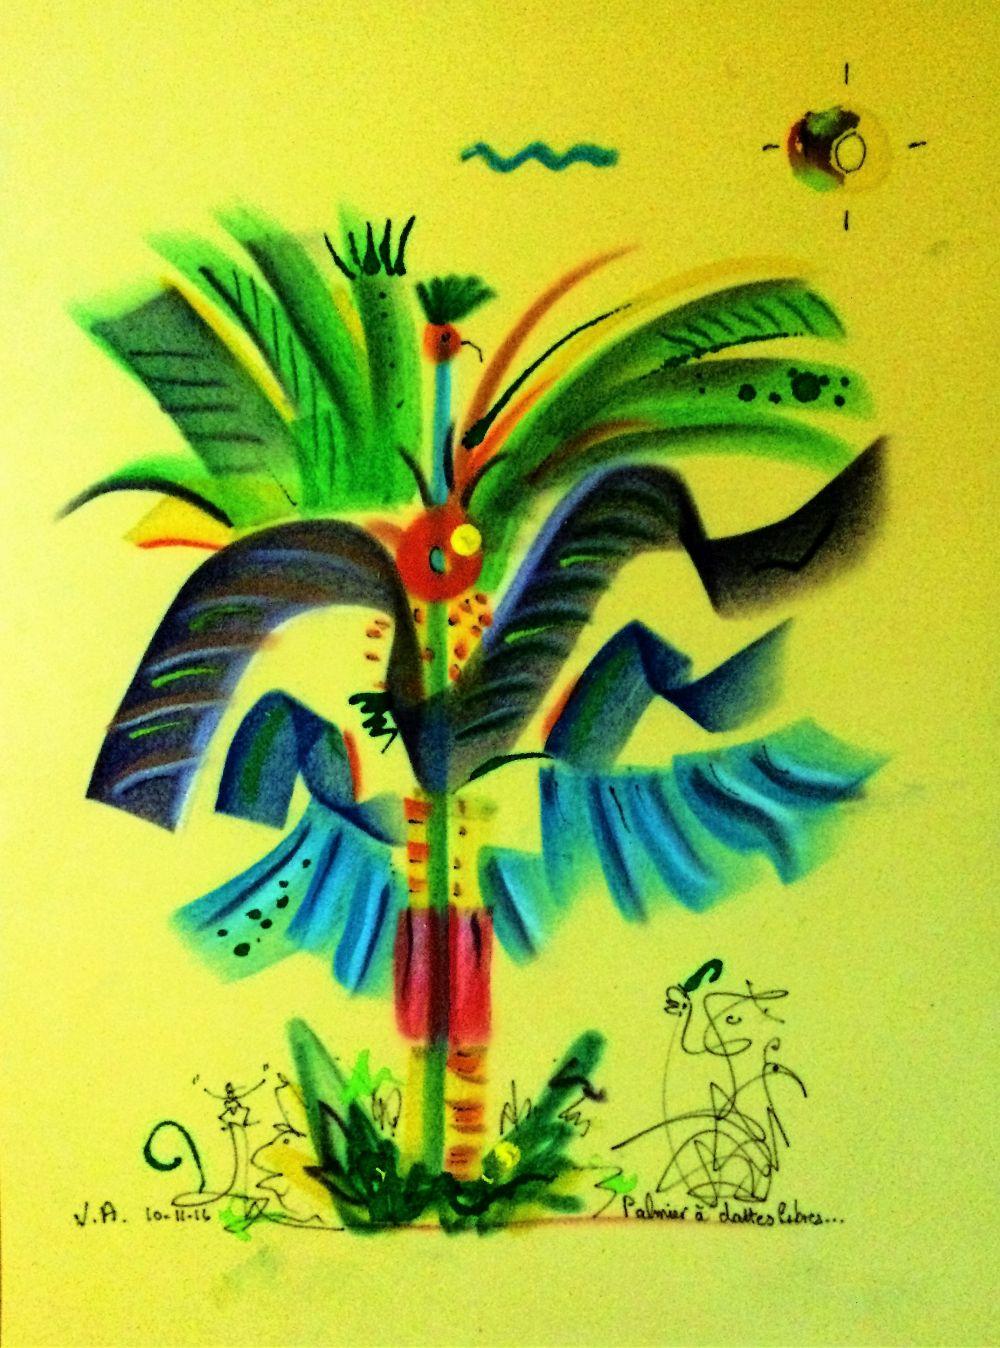 palmier a dattes libres R